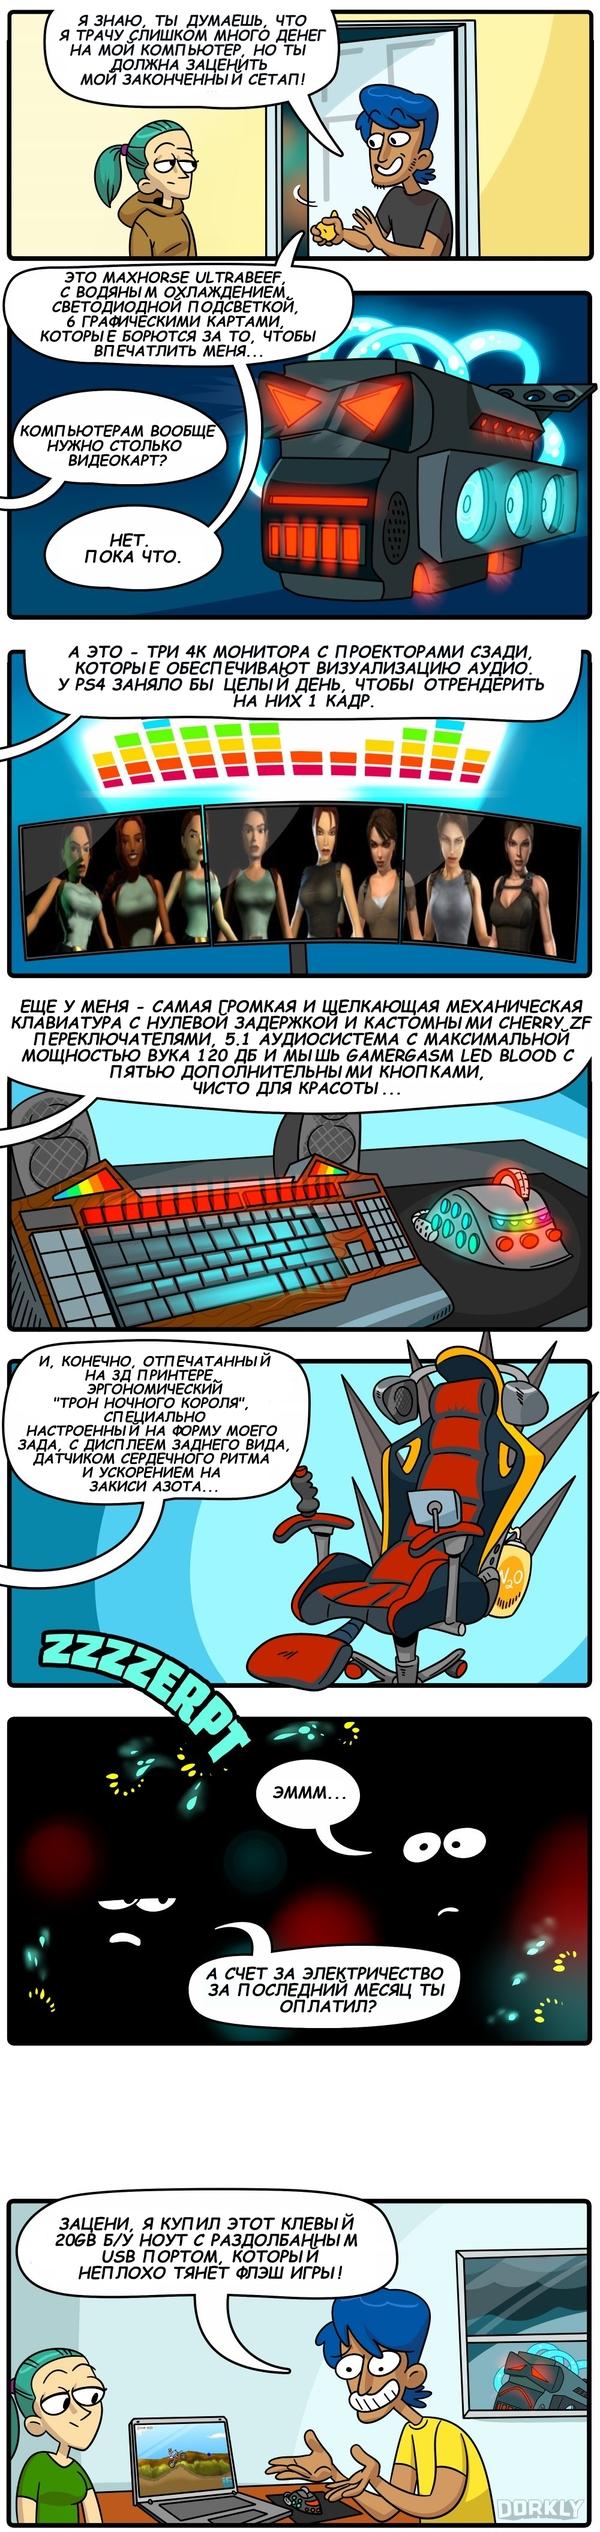 Топовый игровой ПК Комиксы, перевод, dorkly, пк, игры, железо, компьютерное железо, длиннопост